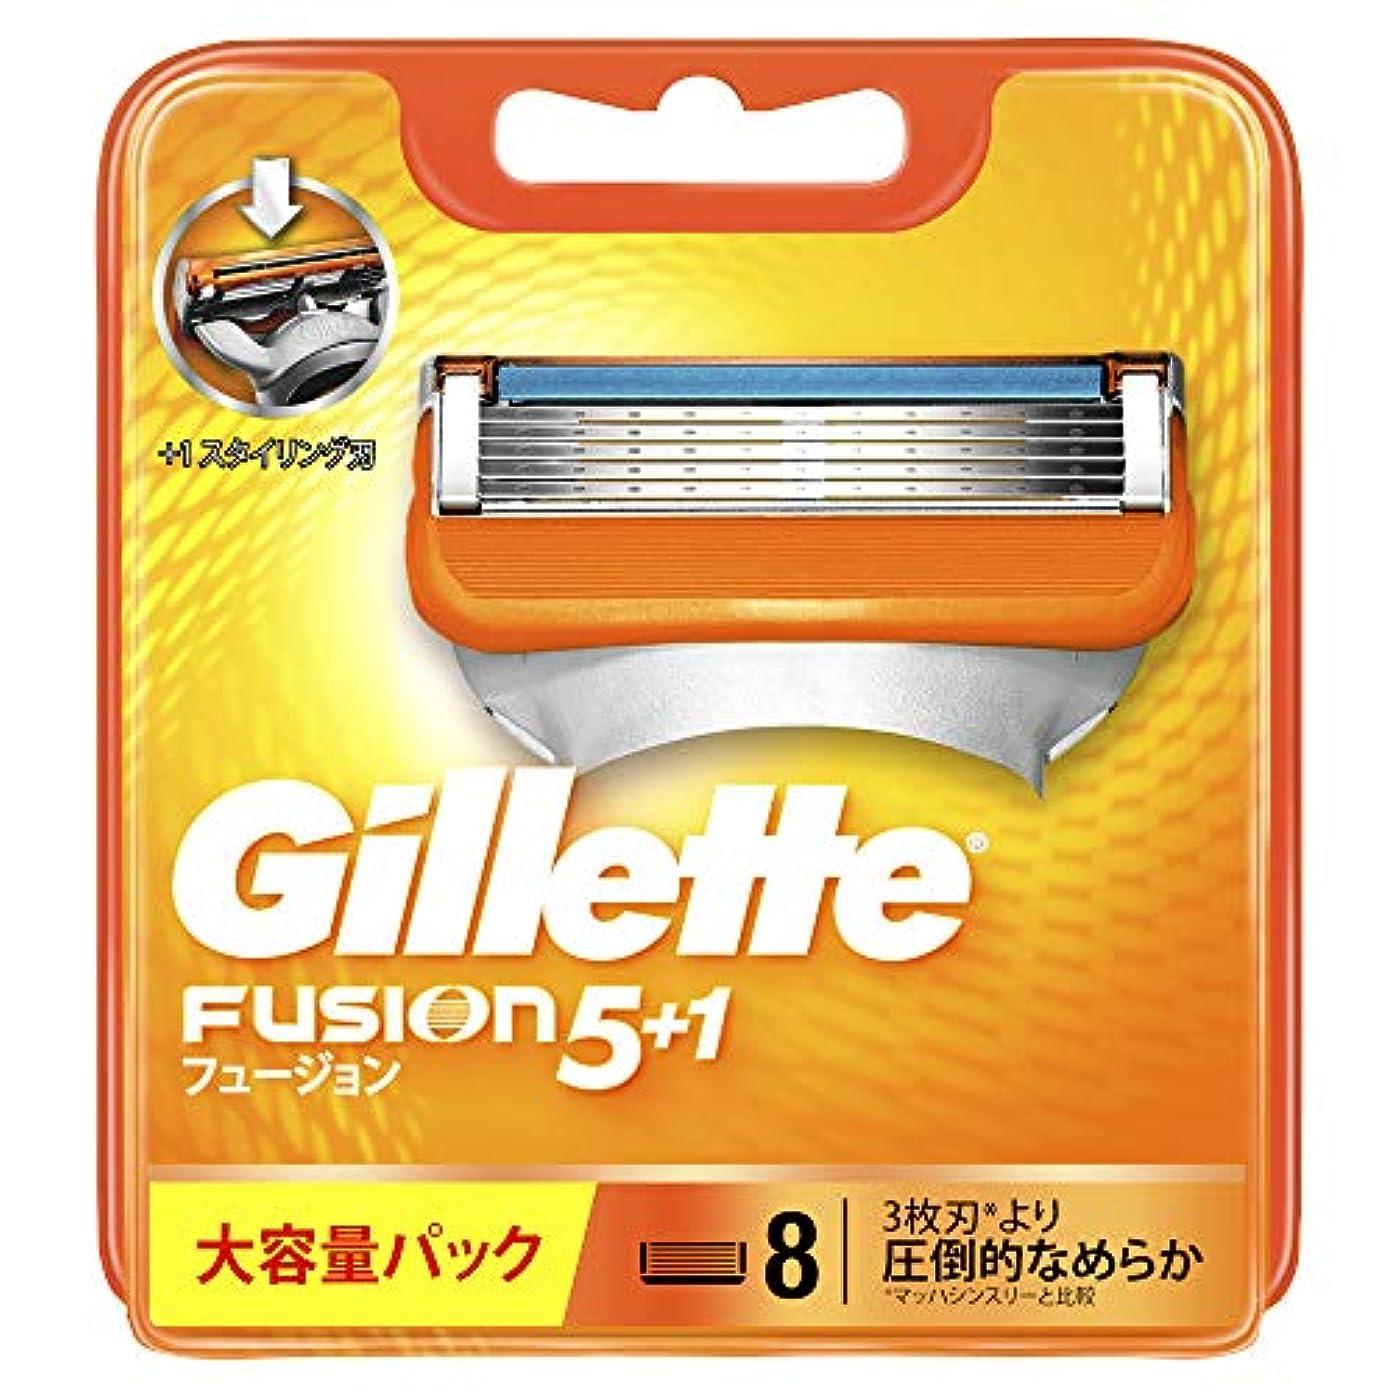 権威困惑唇ジレット フュージョン5+1 マニュアル 髭剃り 替刃 8コ入